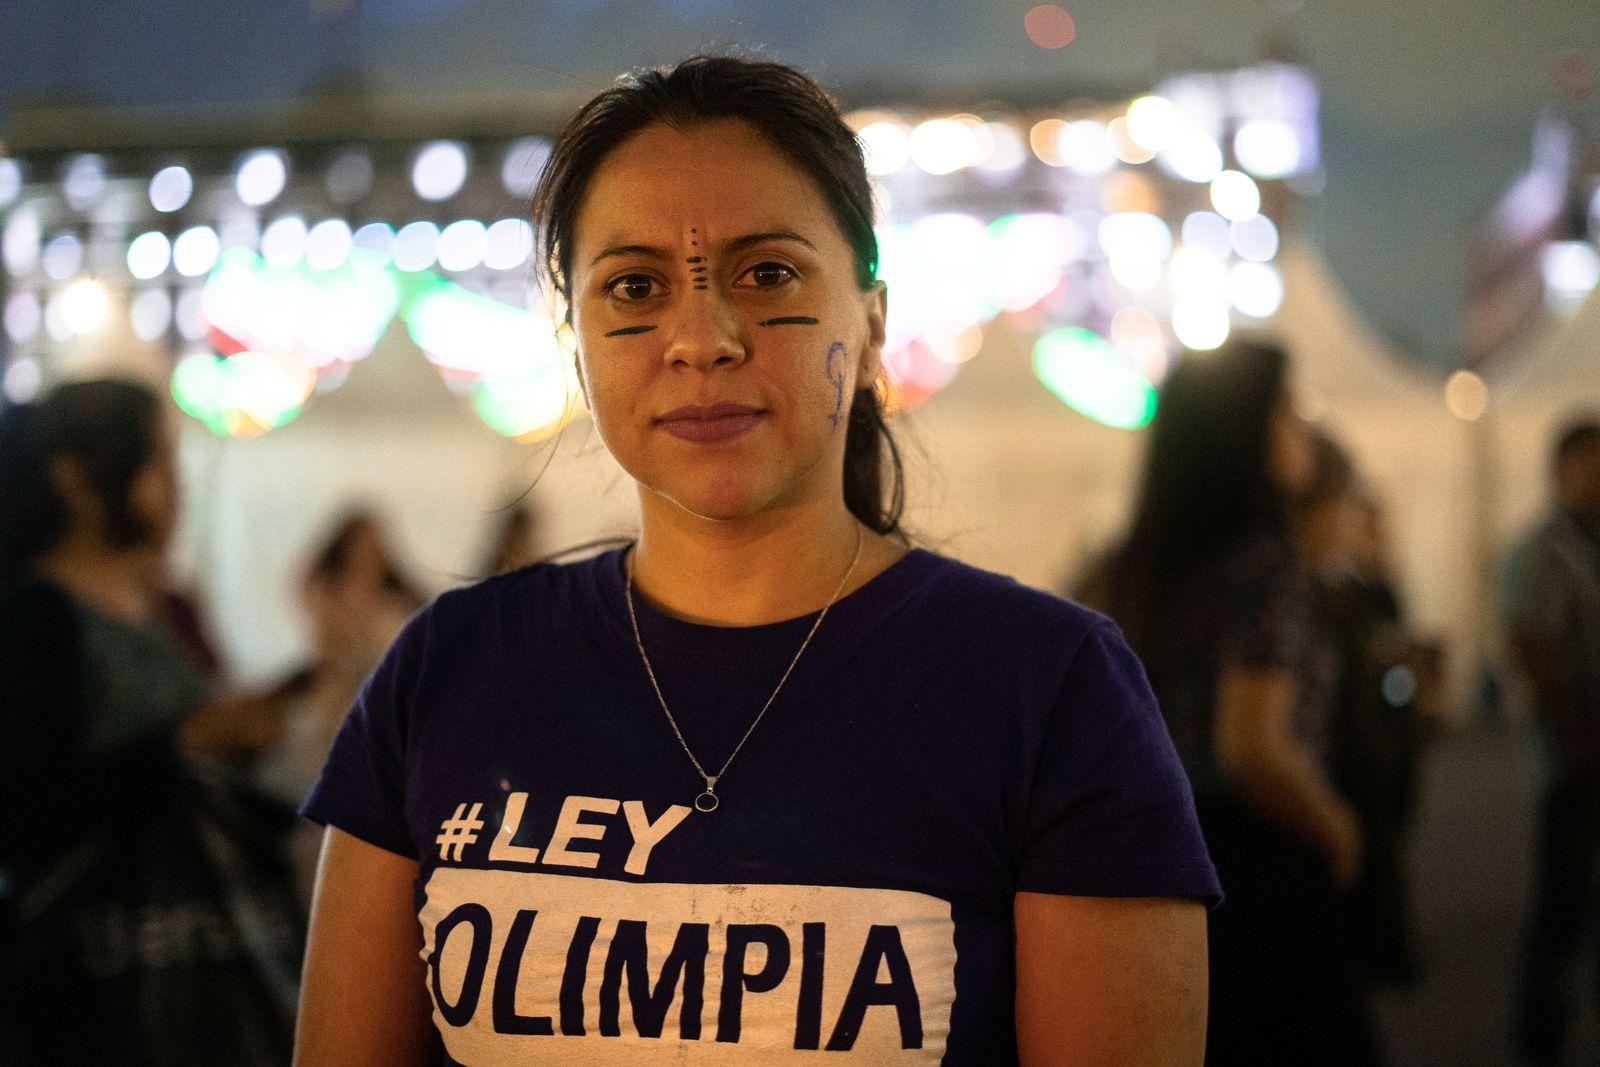 olimpia_mariaruiz